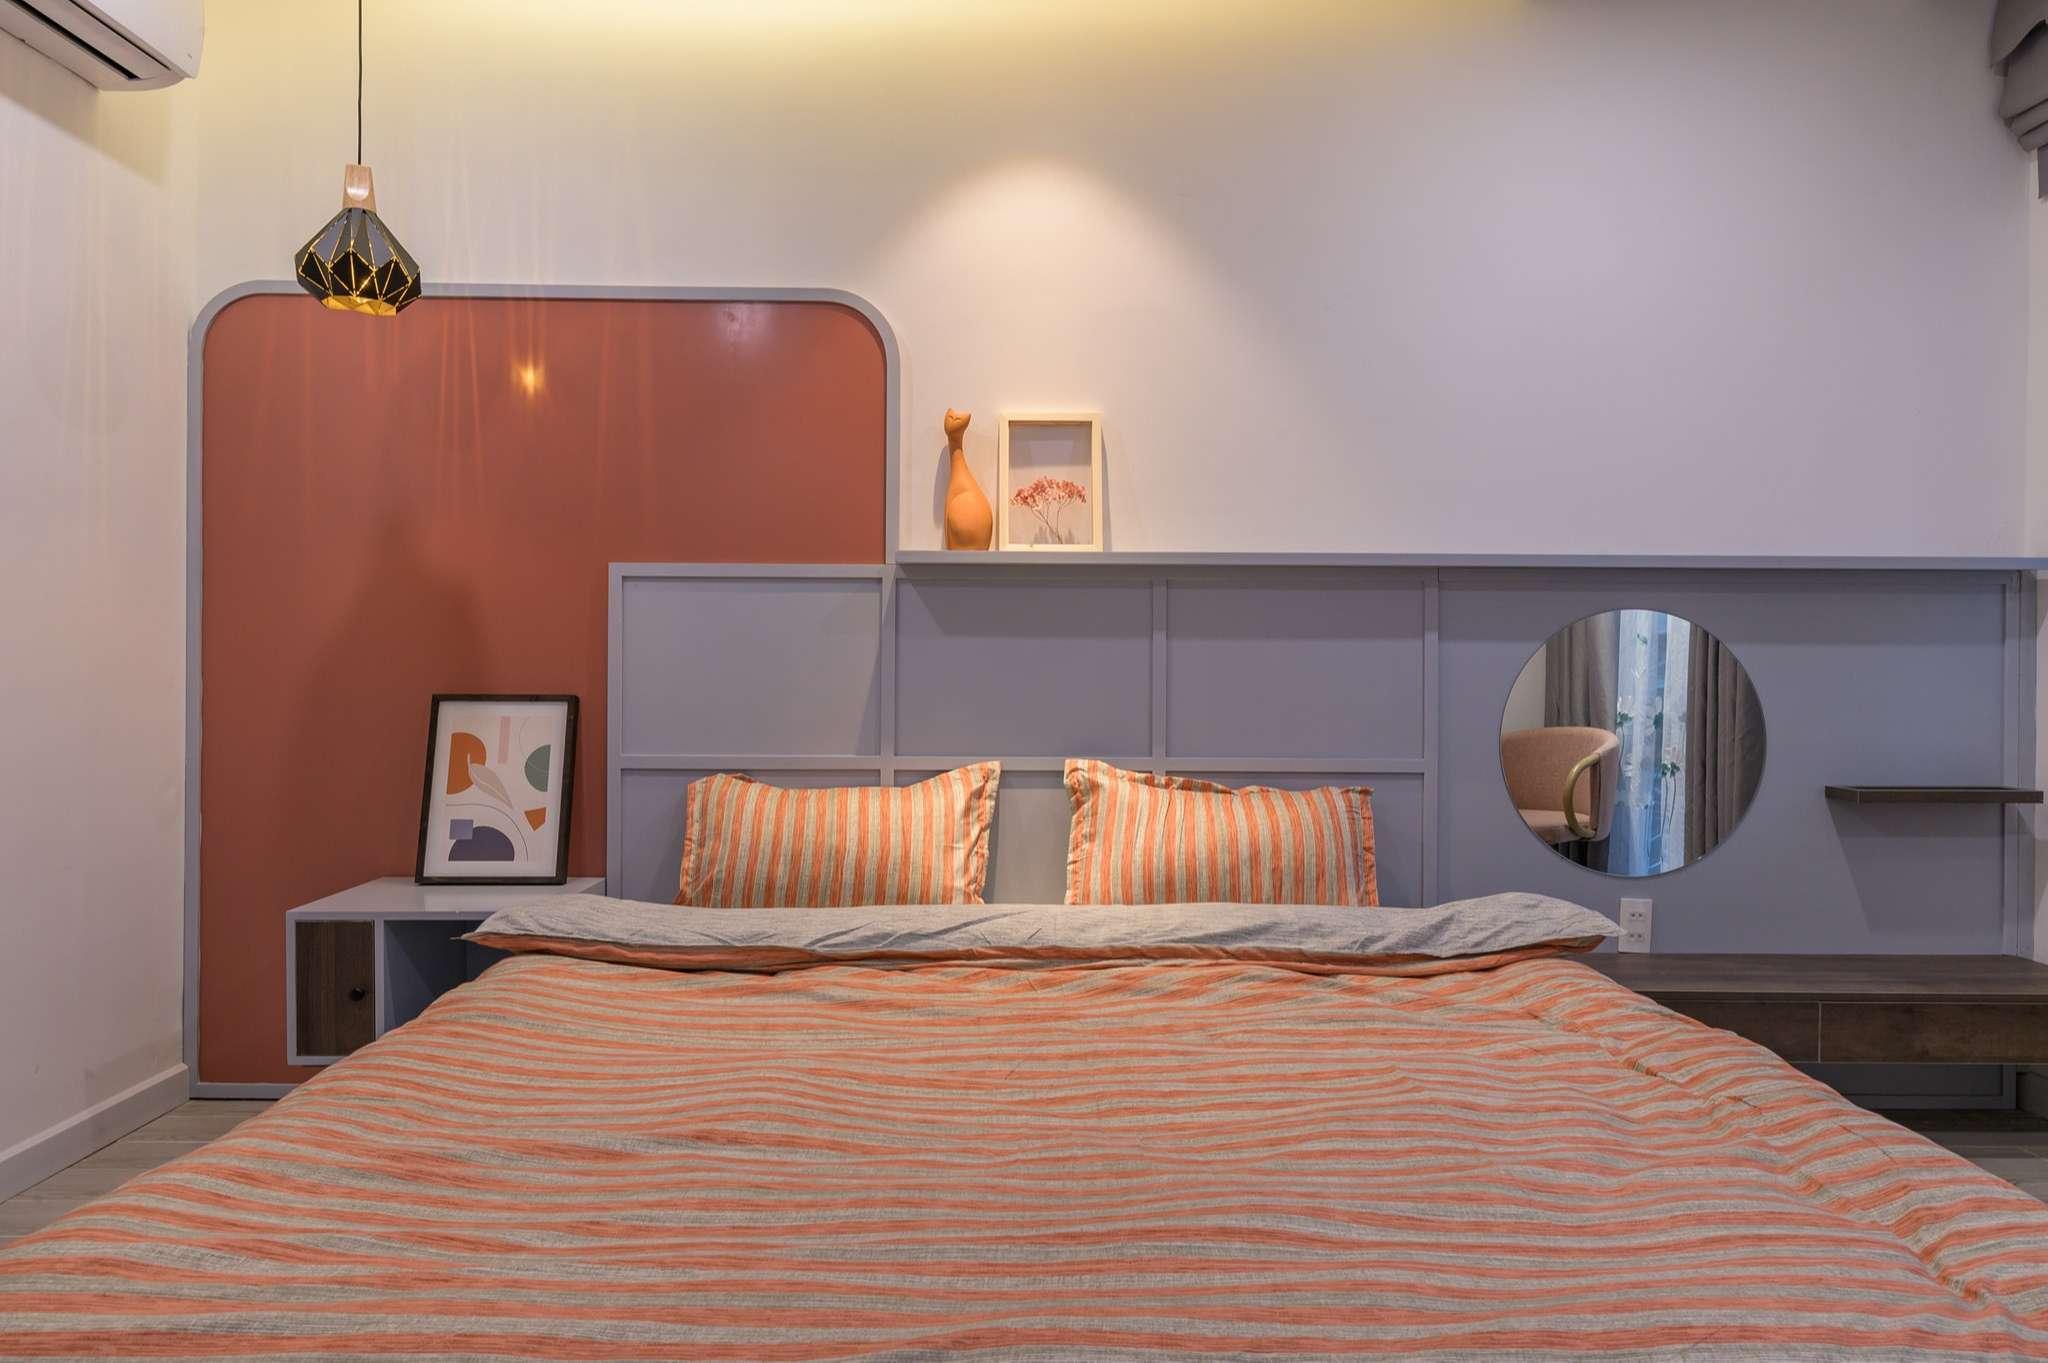 Phòng ngủ rộng rãi, đầy đủ công năng - 2